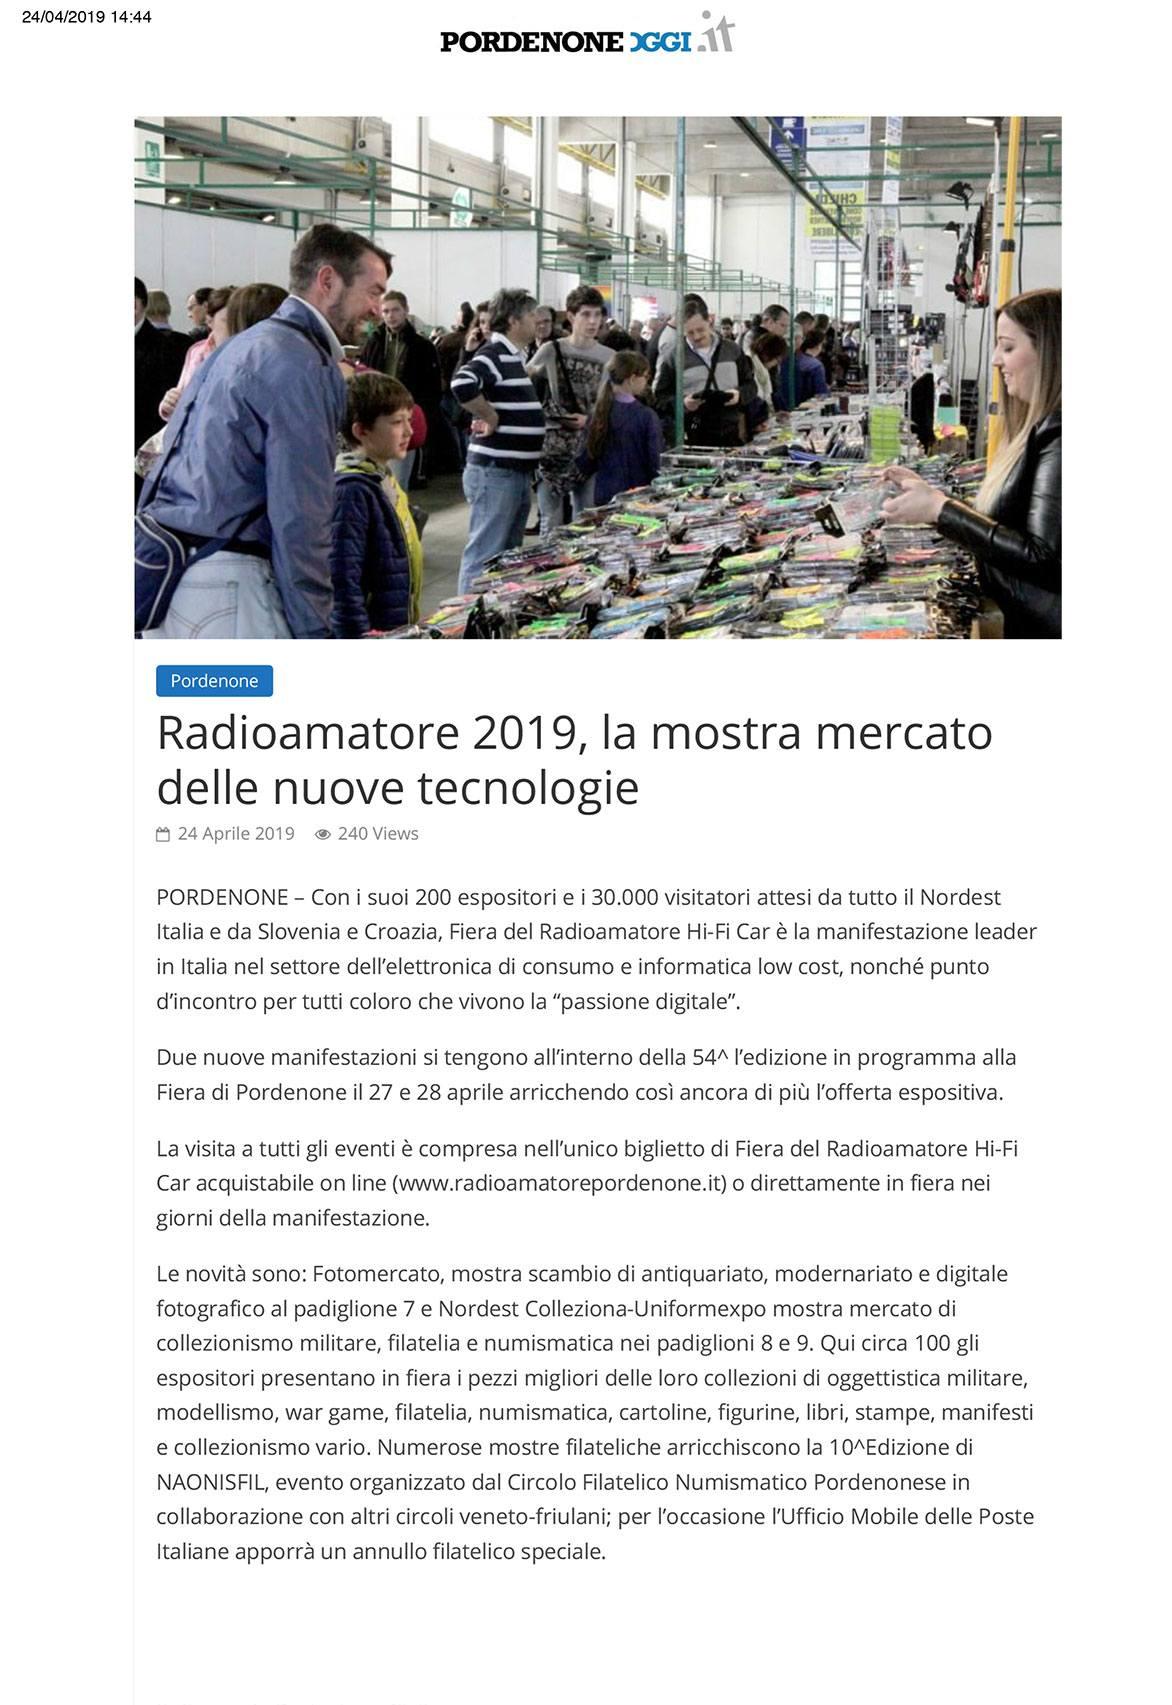 PordenoneOggi 24052019 Rassegna Stampa Radioamatore Fiera 2019